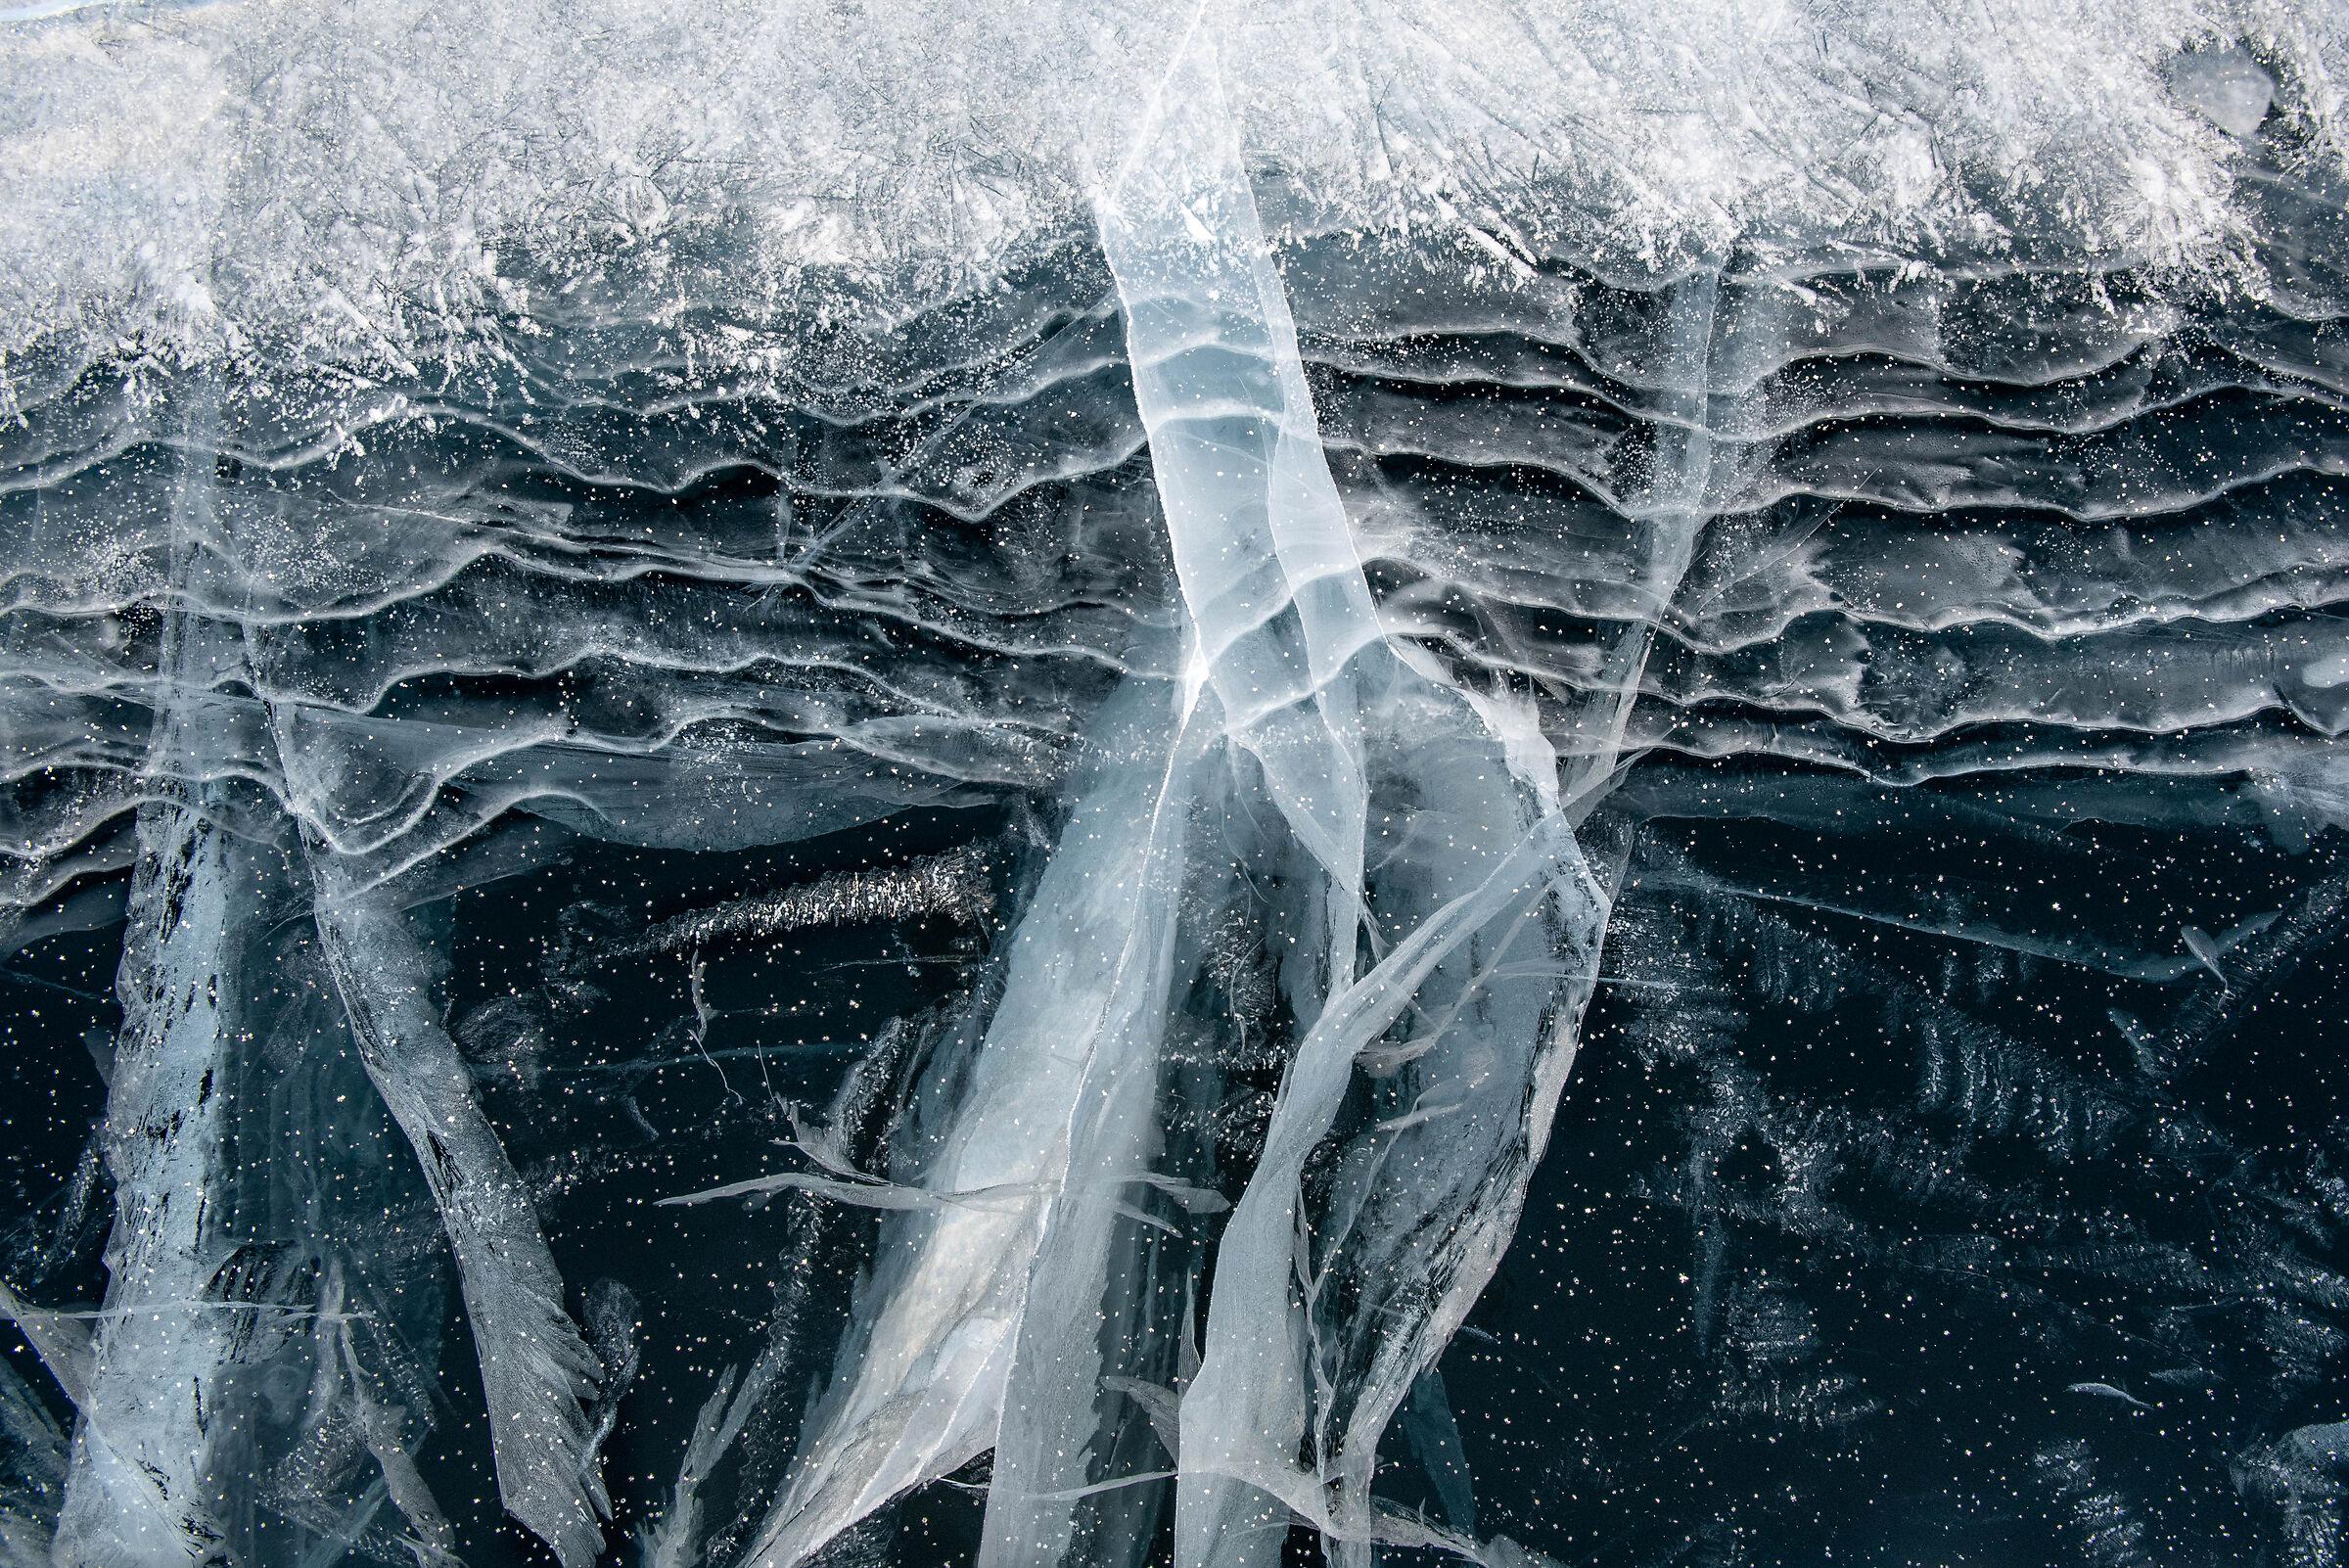 Strani disegni nel lago ghiacciato...